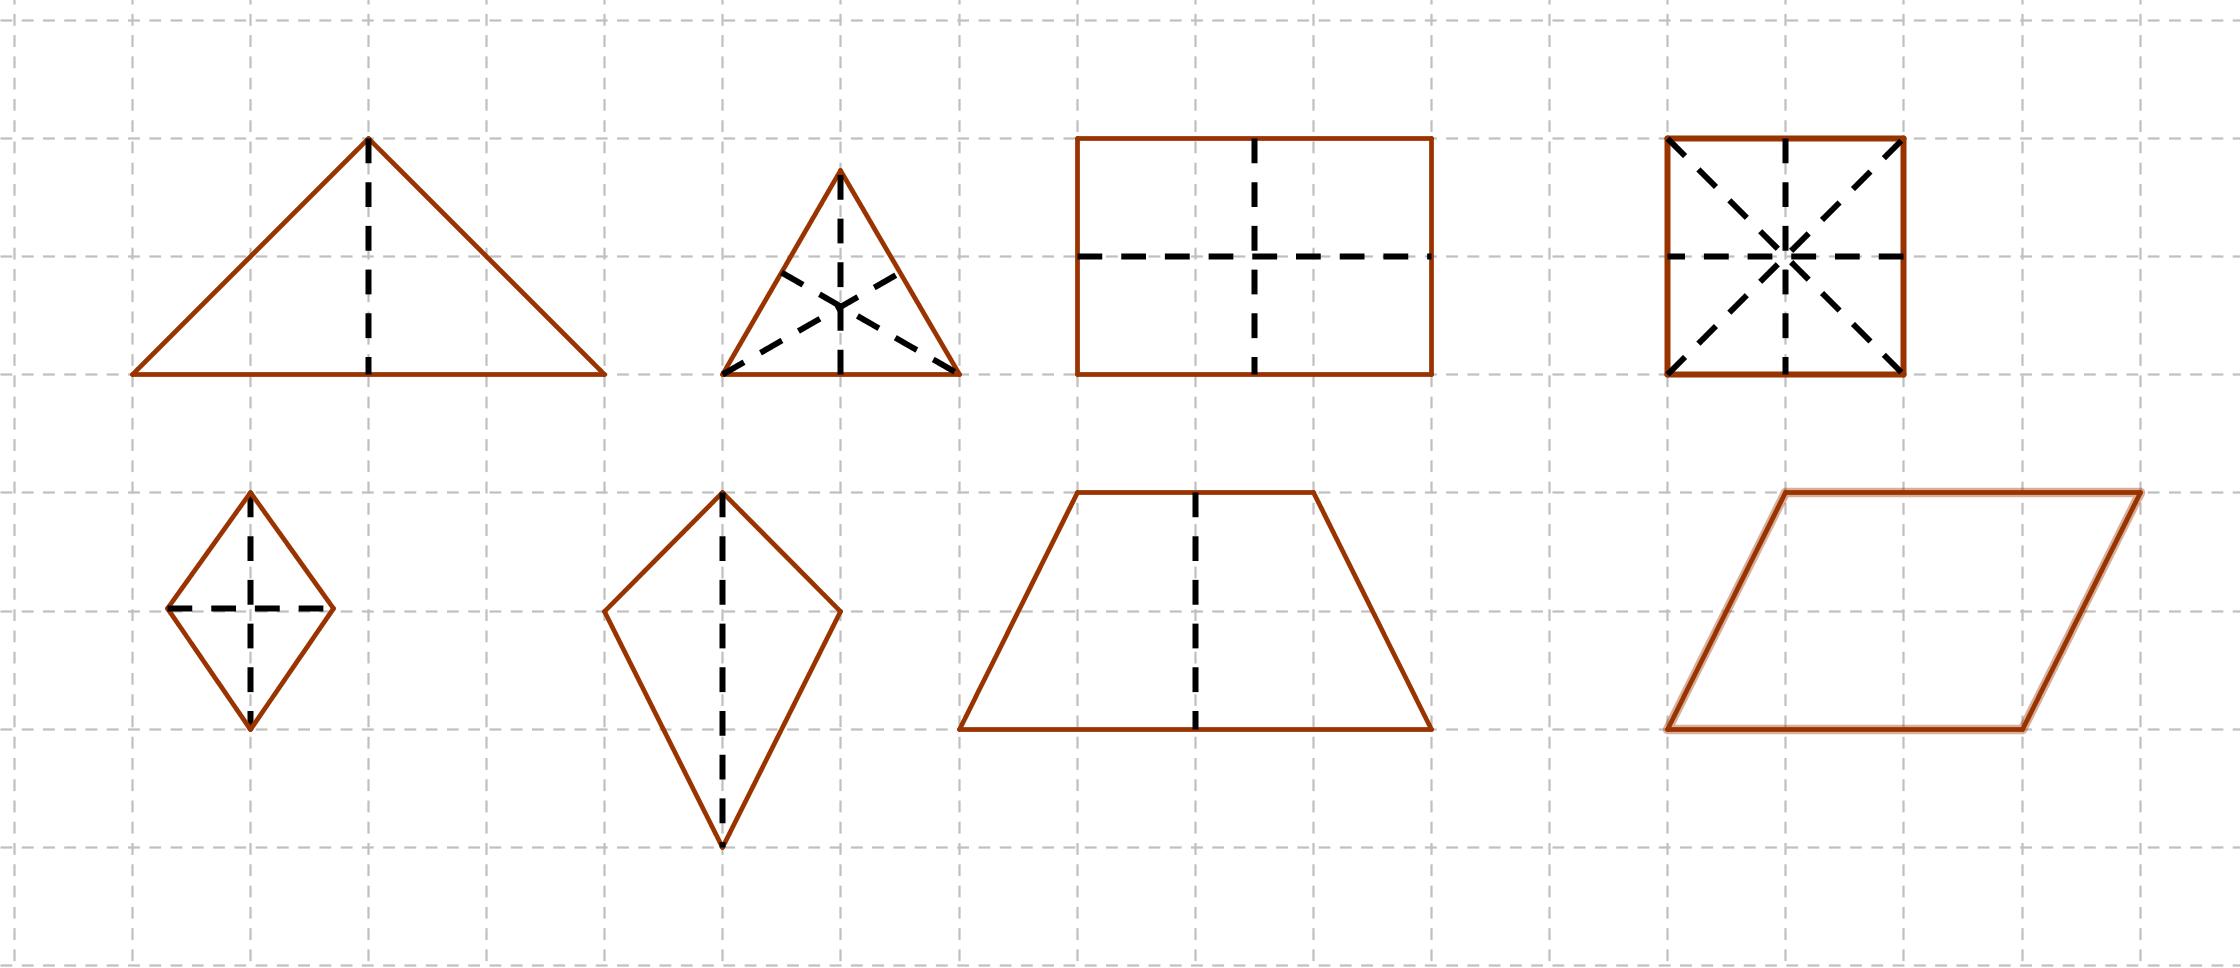 berblick zur geometrie symmetrieachsen und grundkonstruktionen. Black Bedroom Furniture Sets. Home Design Ideas